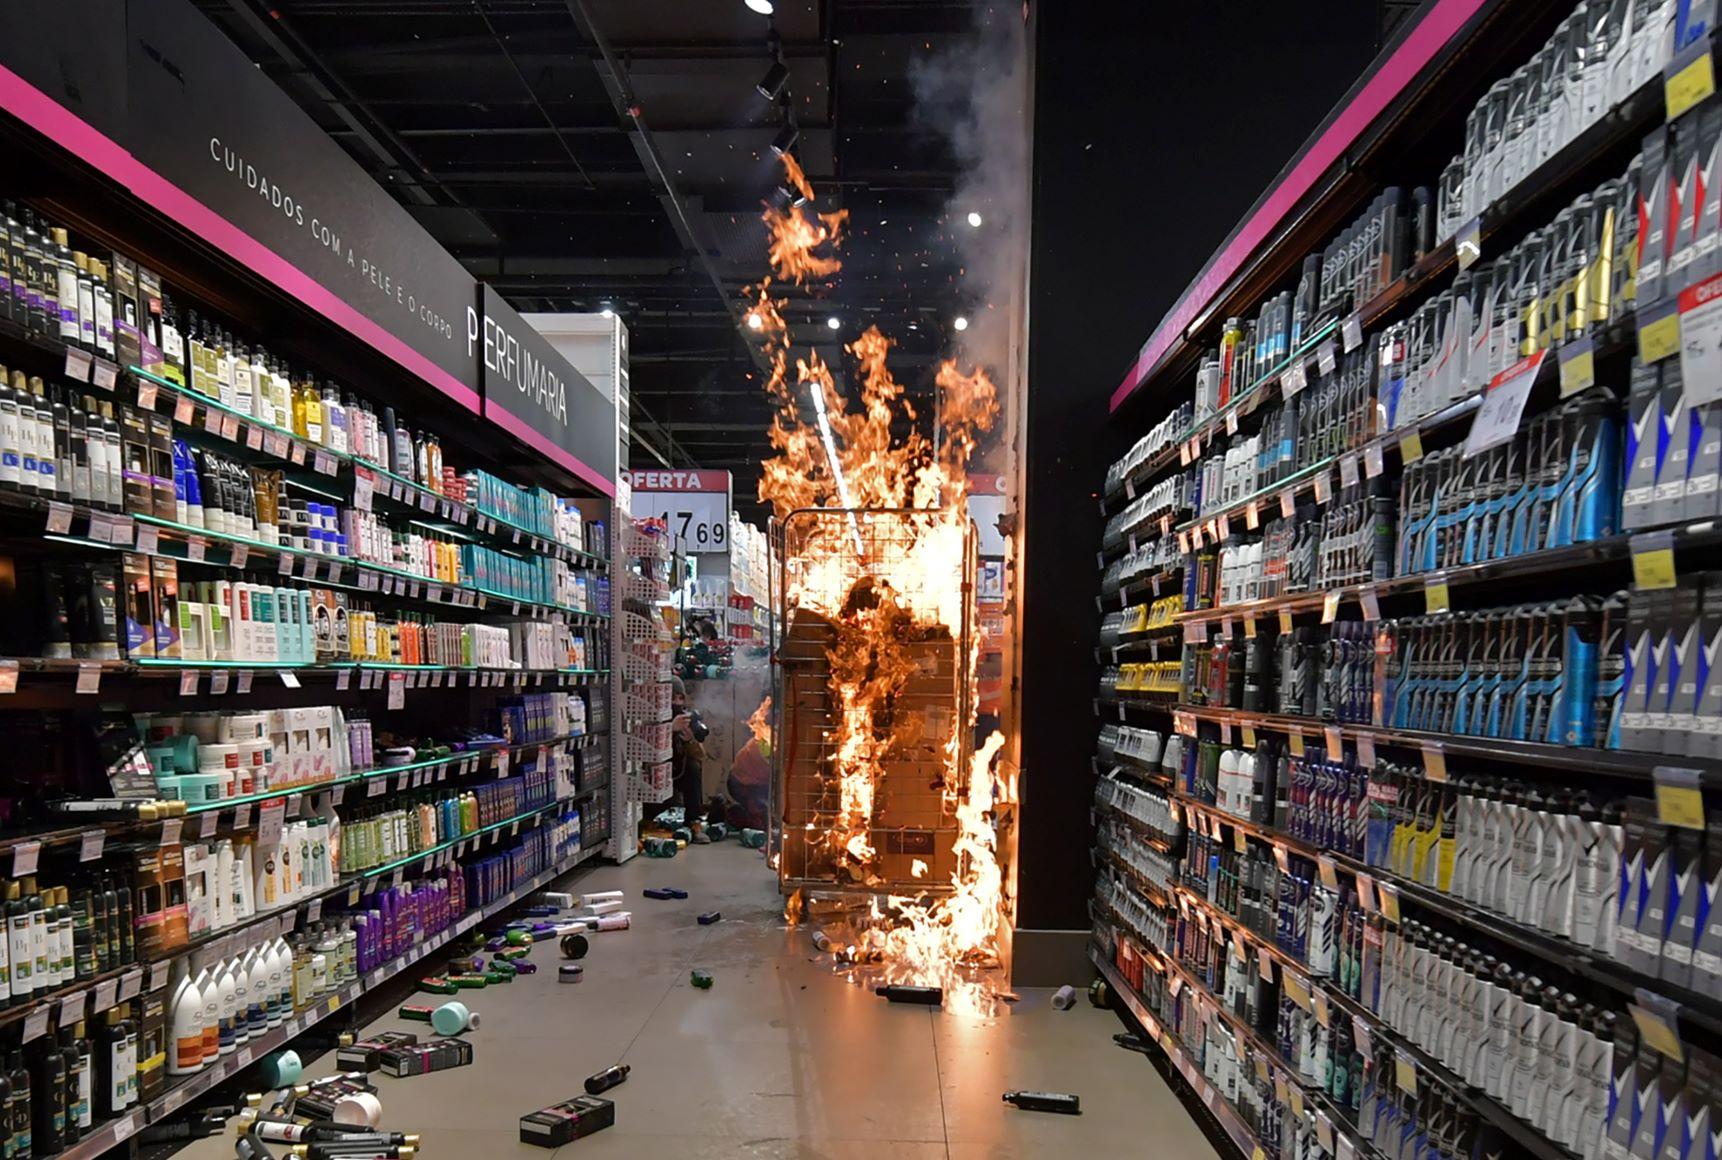 Produtos incendiados em loja do Carrefour em São Paulo: manifestantes também quebraram vidros e depredaram carros em protesto contra assassinato de soldador por seguranças no Sul (Nelson Almeida/AFP)